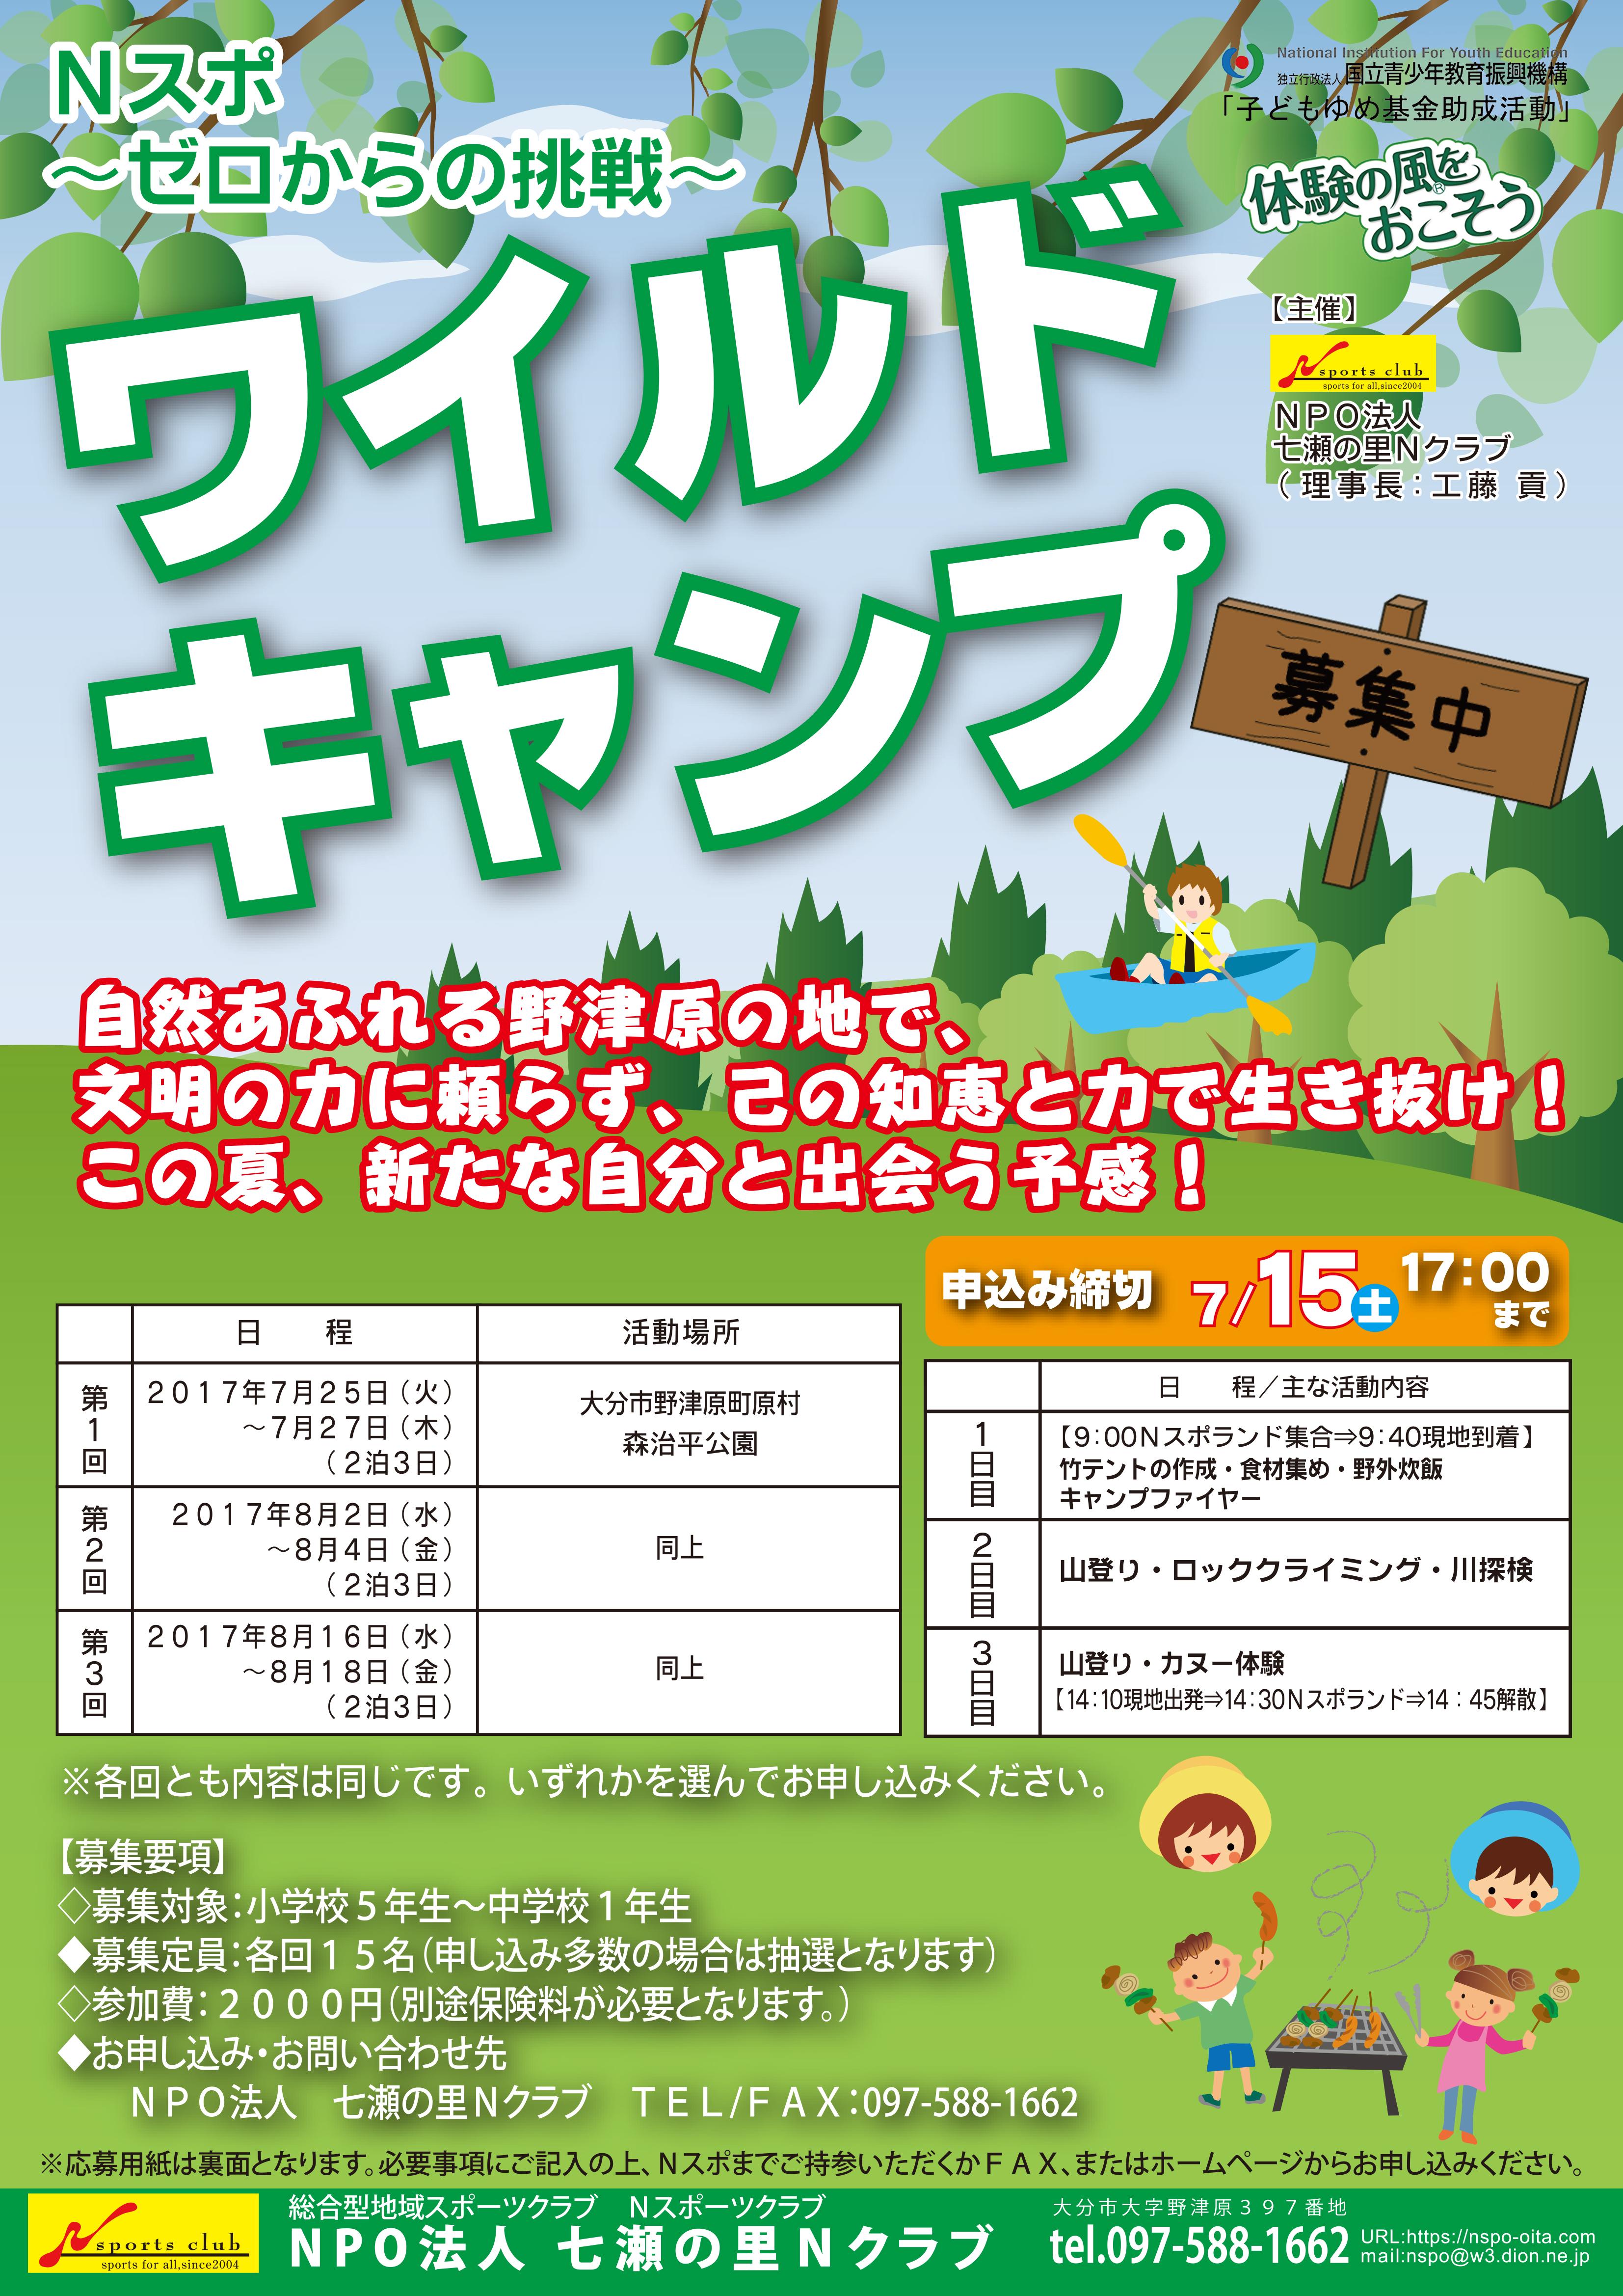 ワイルドキャンプ参加者募集中!Nスポ~ゼロからの挑戦~